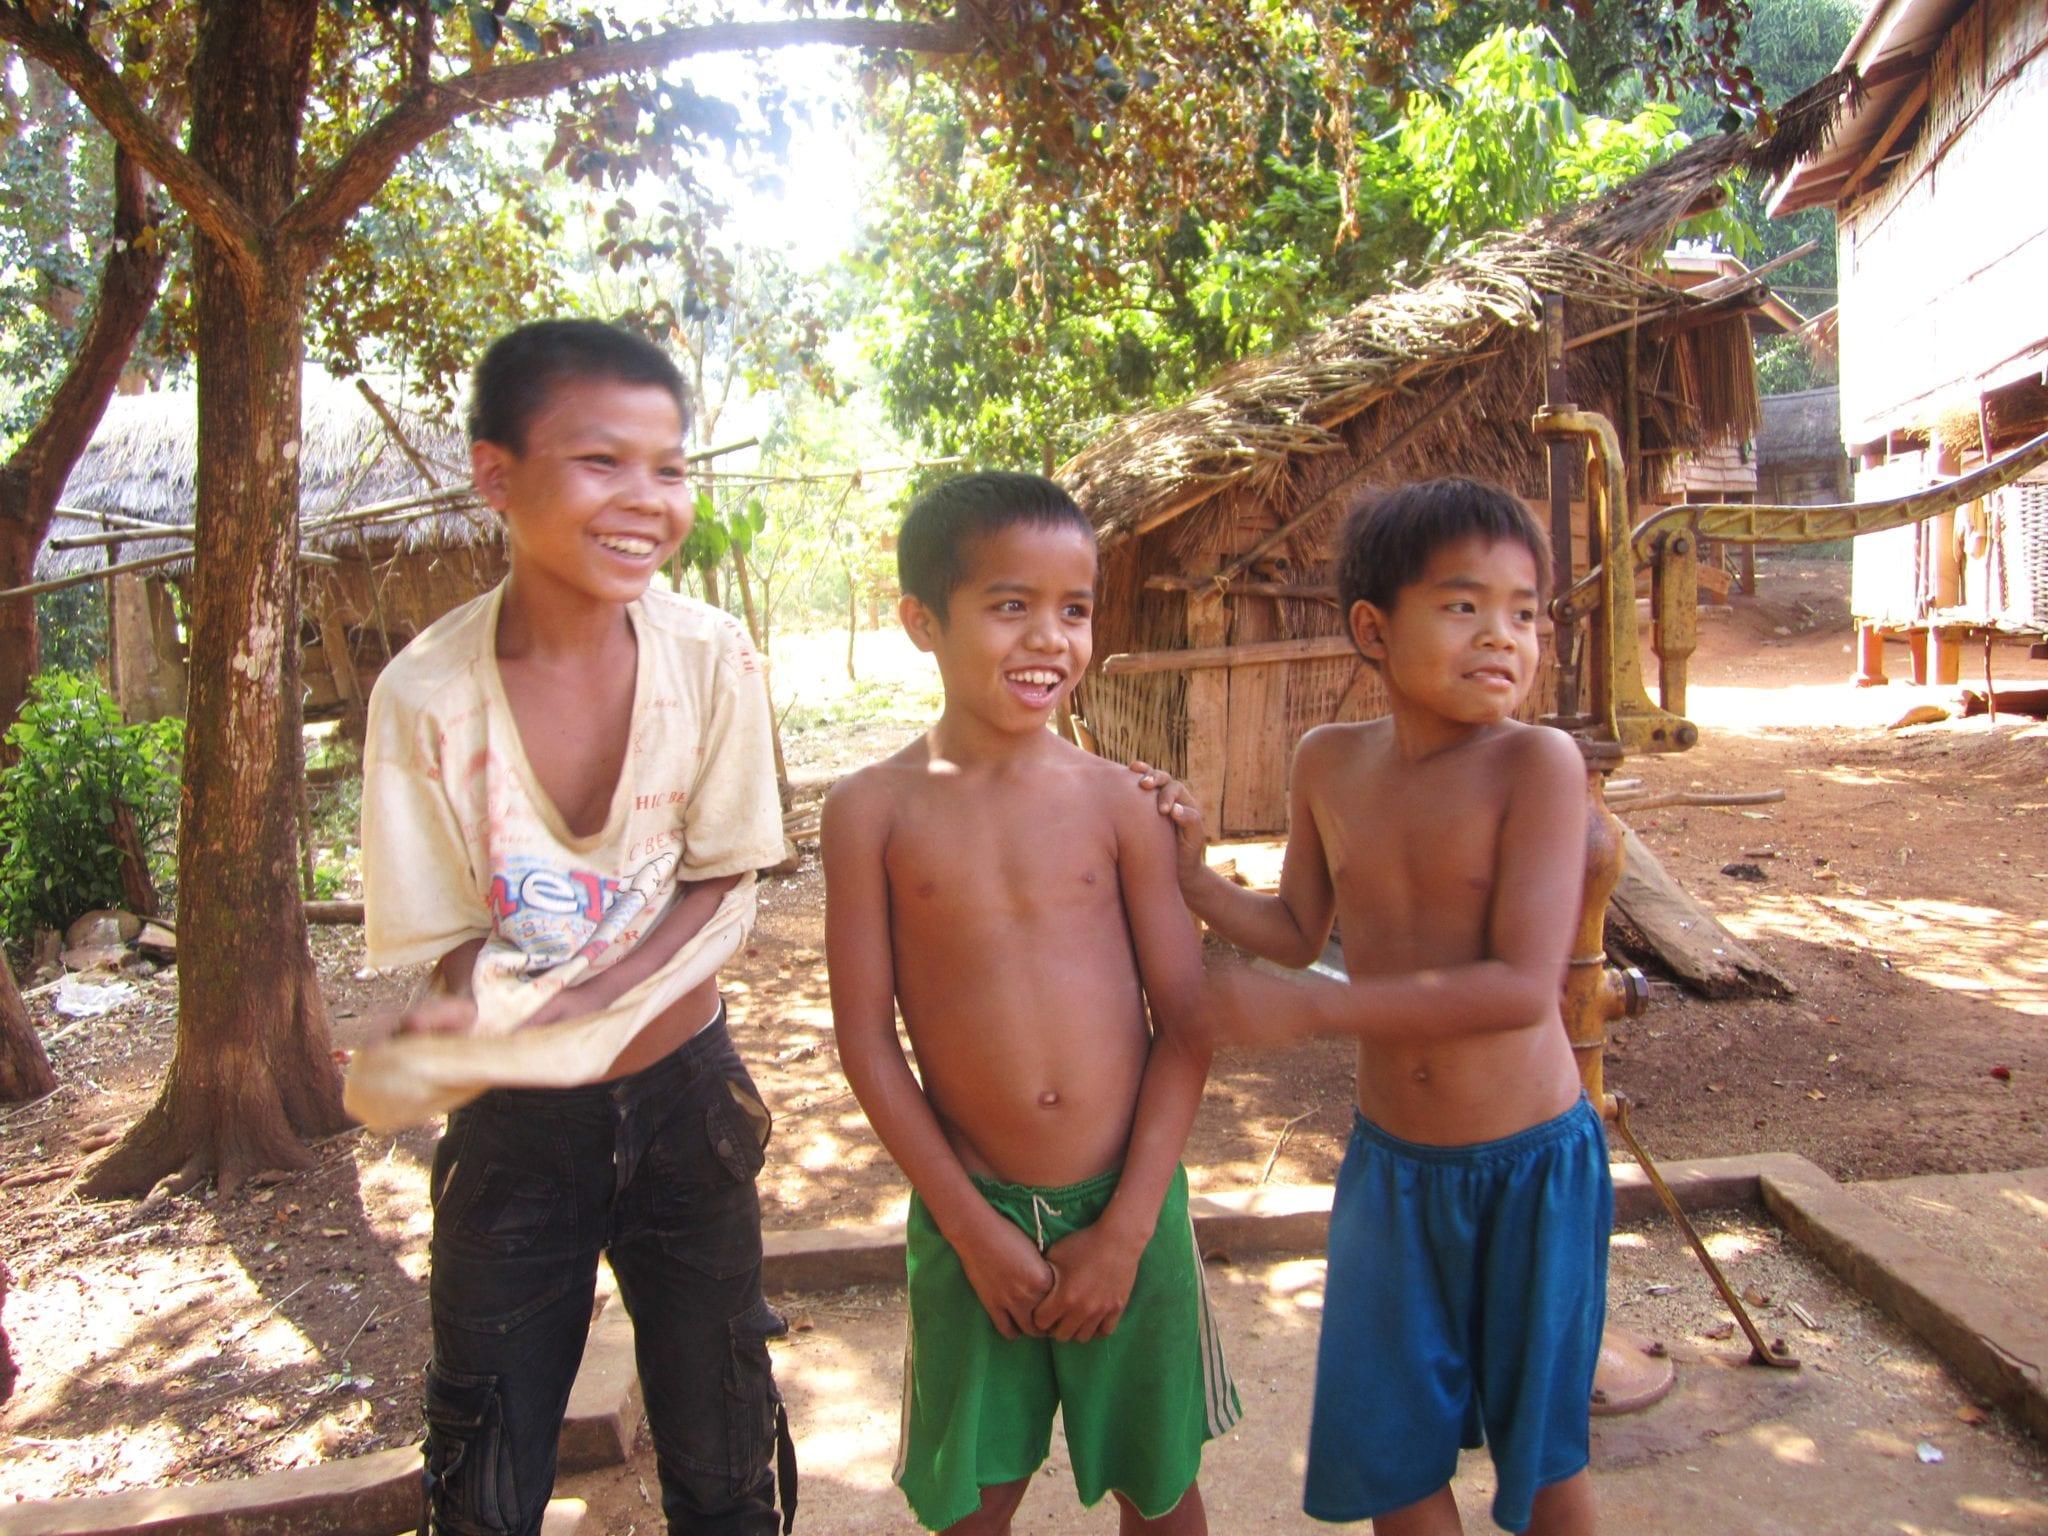 cambodia-nude-photos